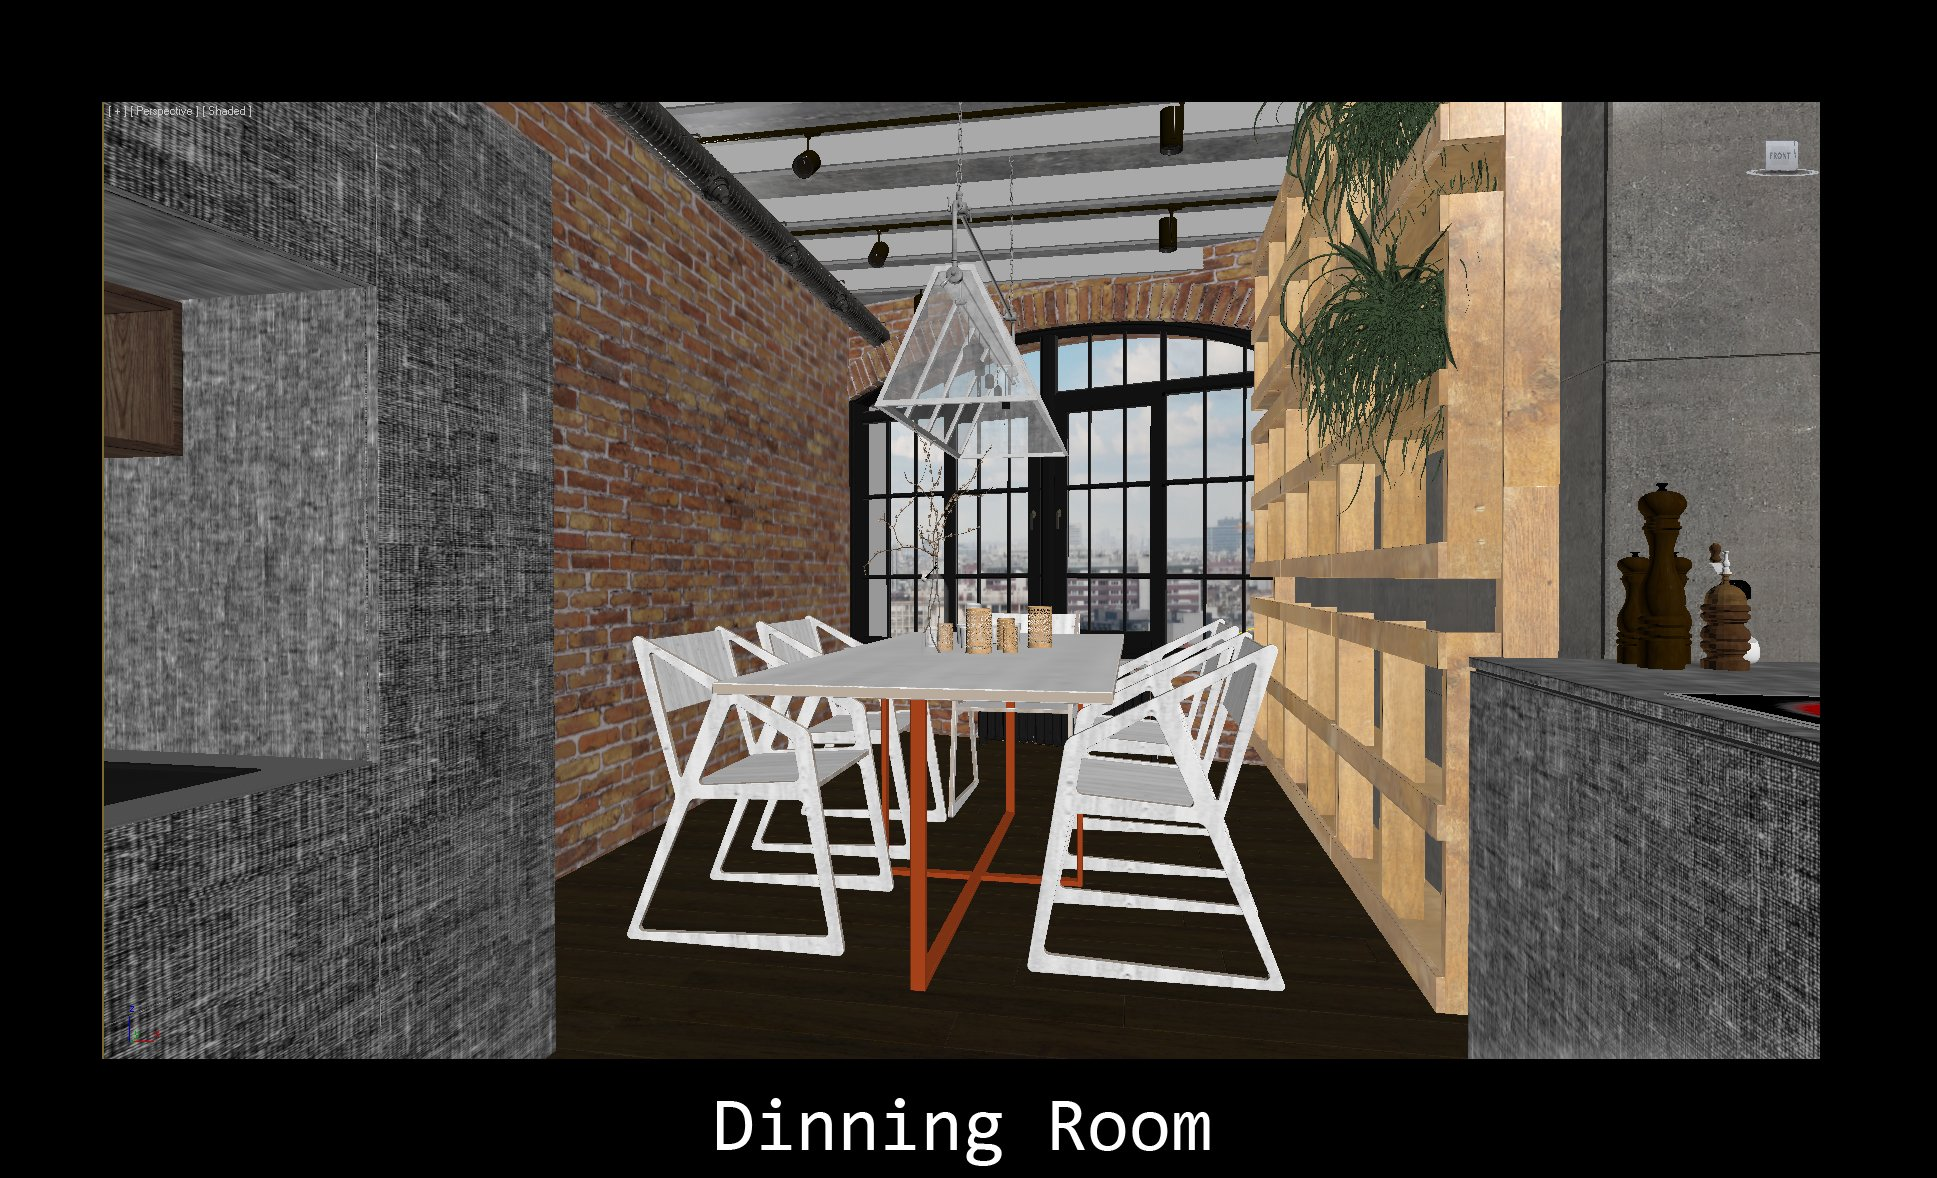 0007_002_Dinning_Room_NR_02829.jpg